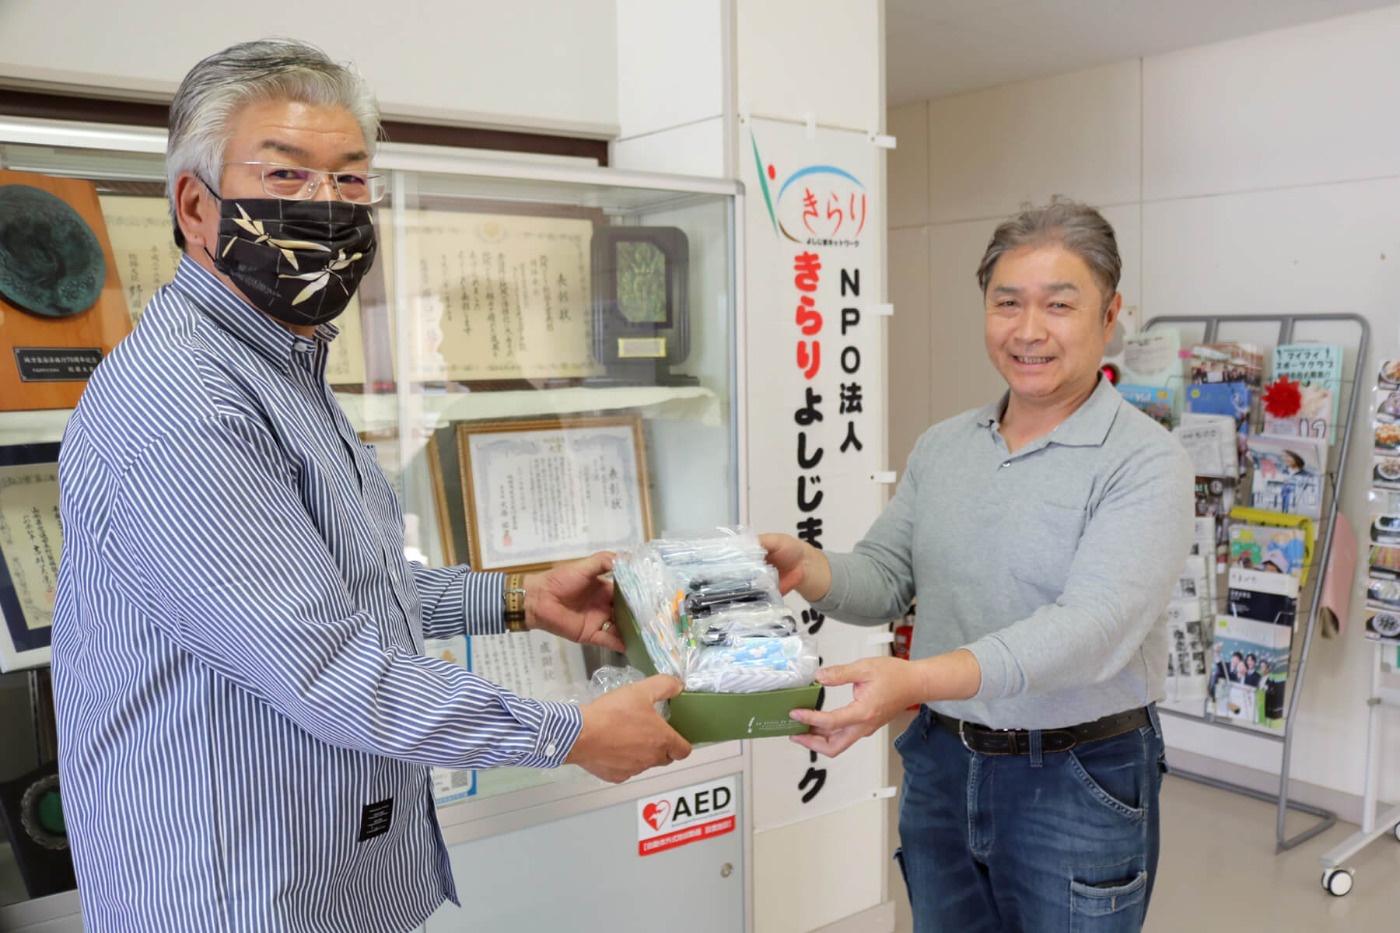 後藤建築さん(北方)より手作りマスクを受け取っている写真